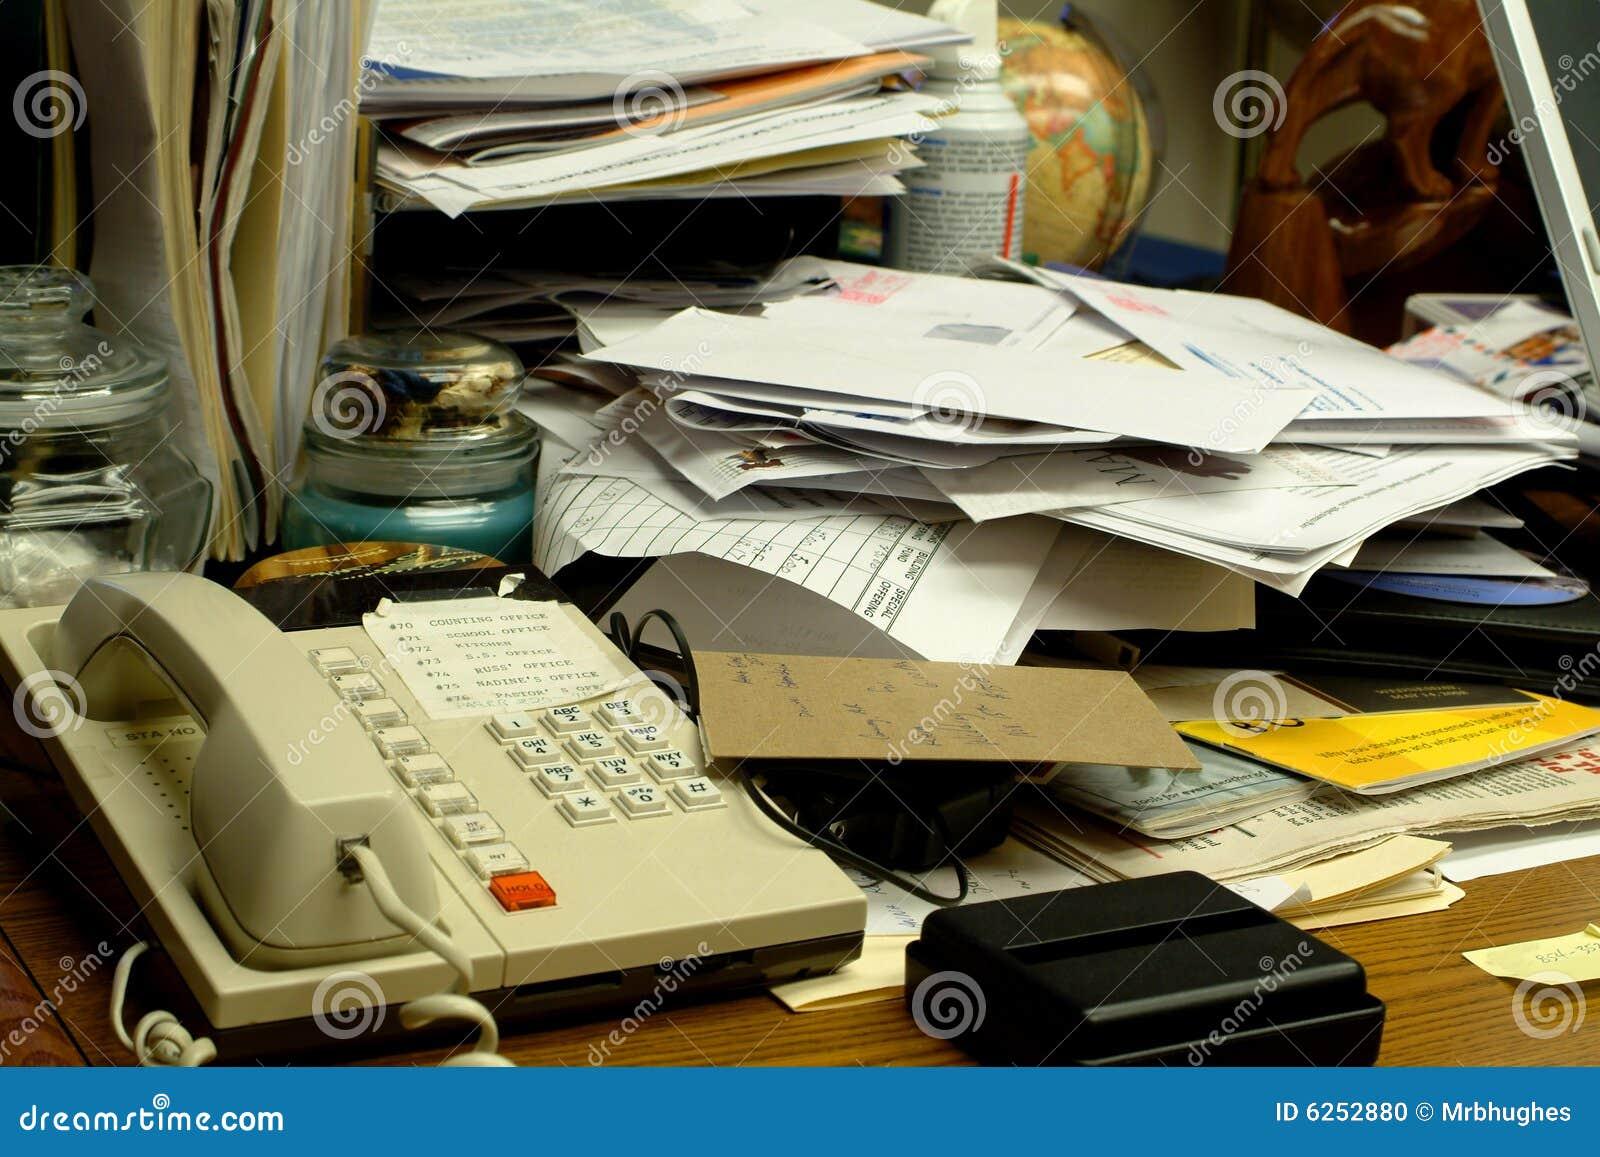 Escritorio de oficina sucio foto de archivo imagen 6252880 for Maduras en la oficina